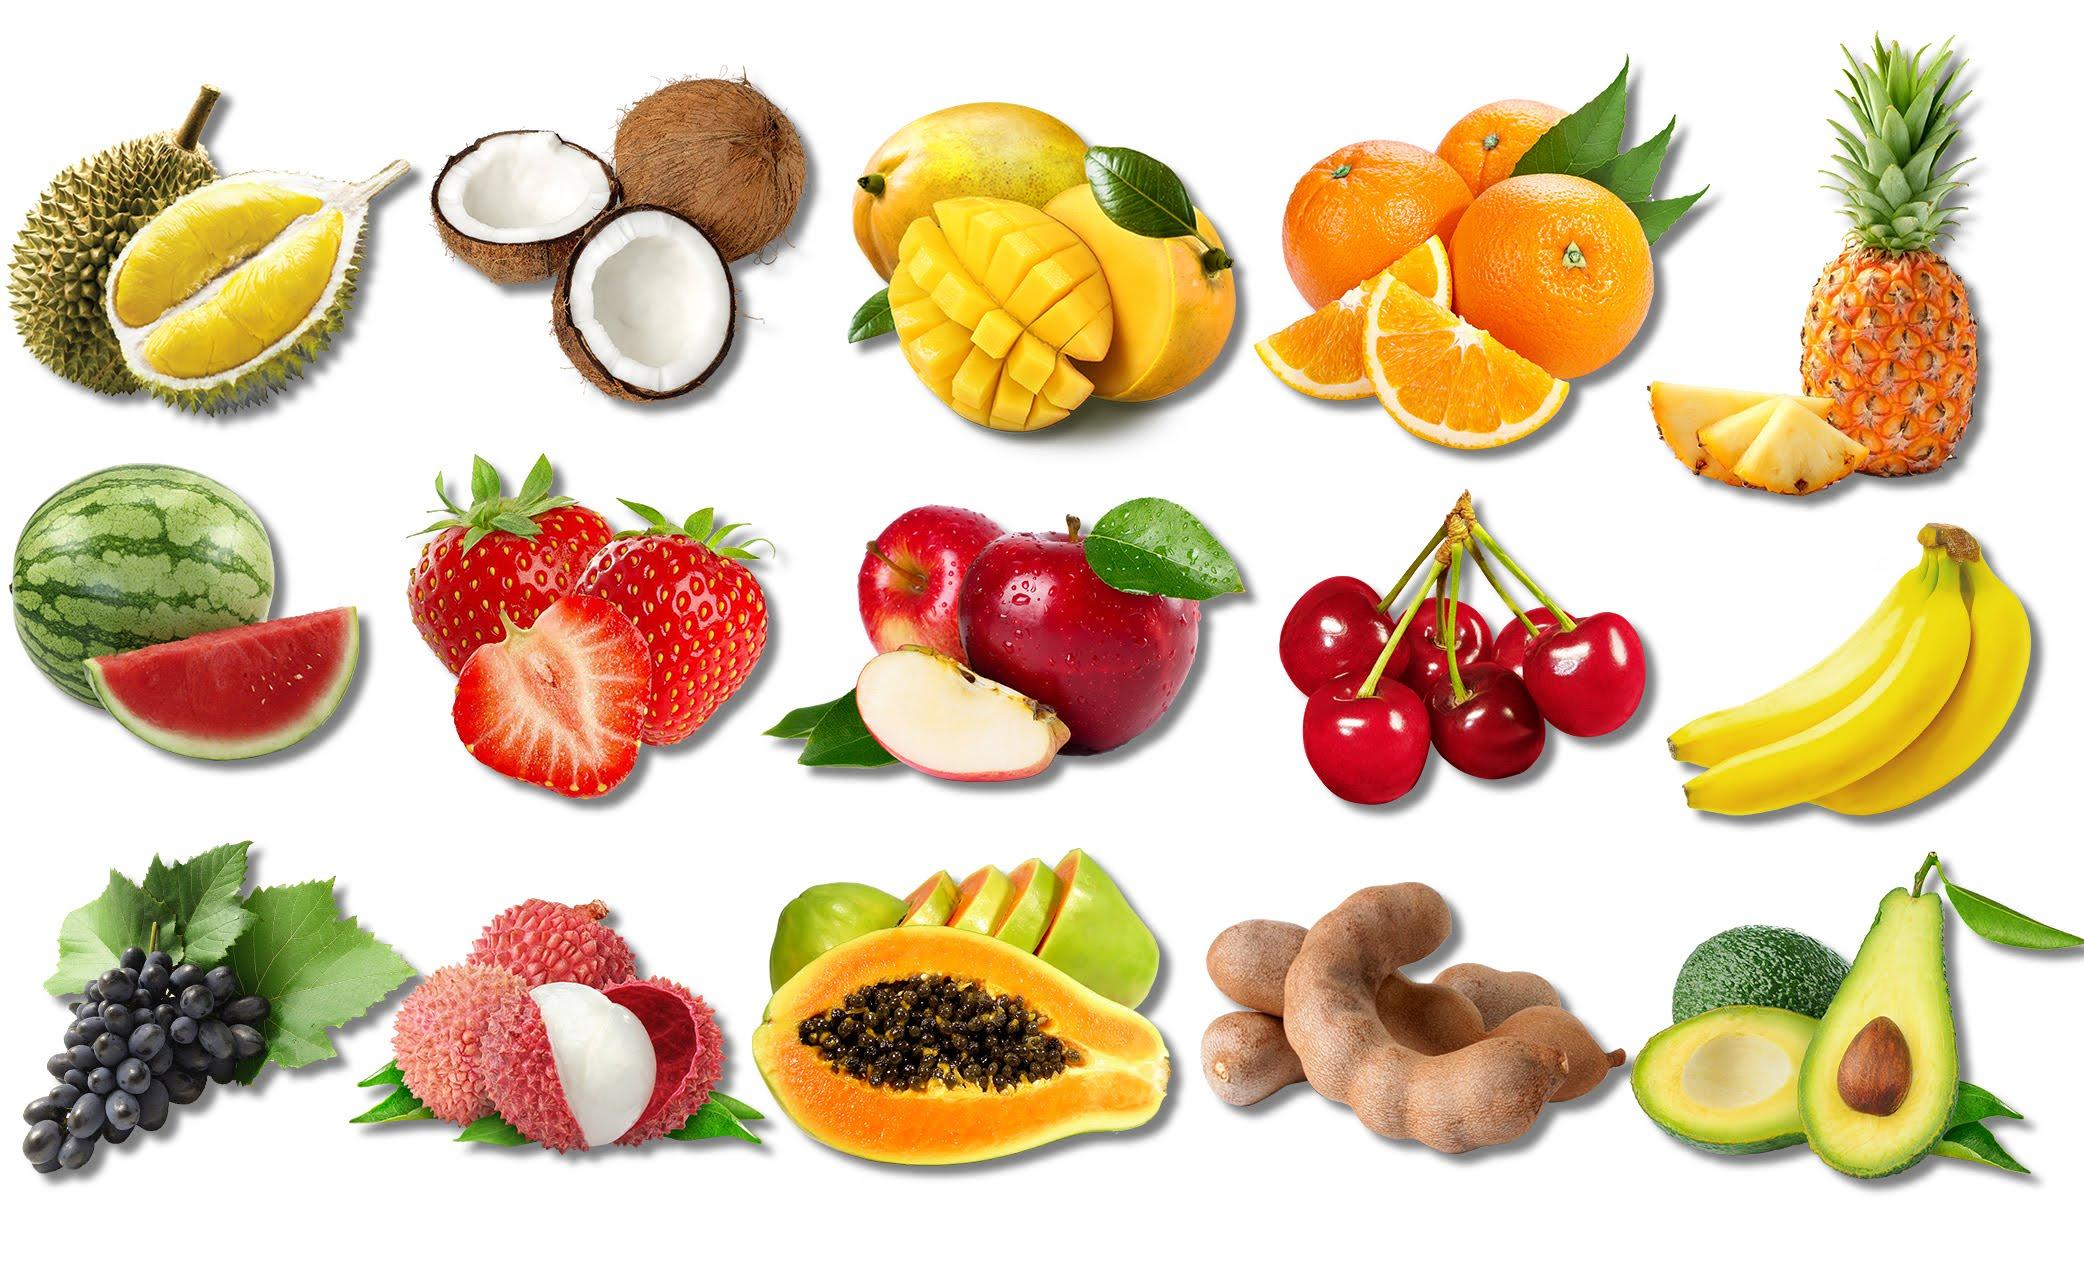 Trái cây giúp ít như thế nào cho bạn